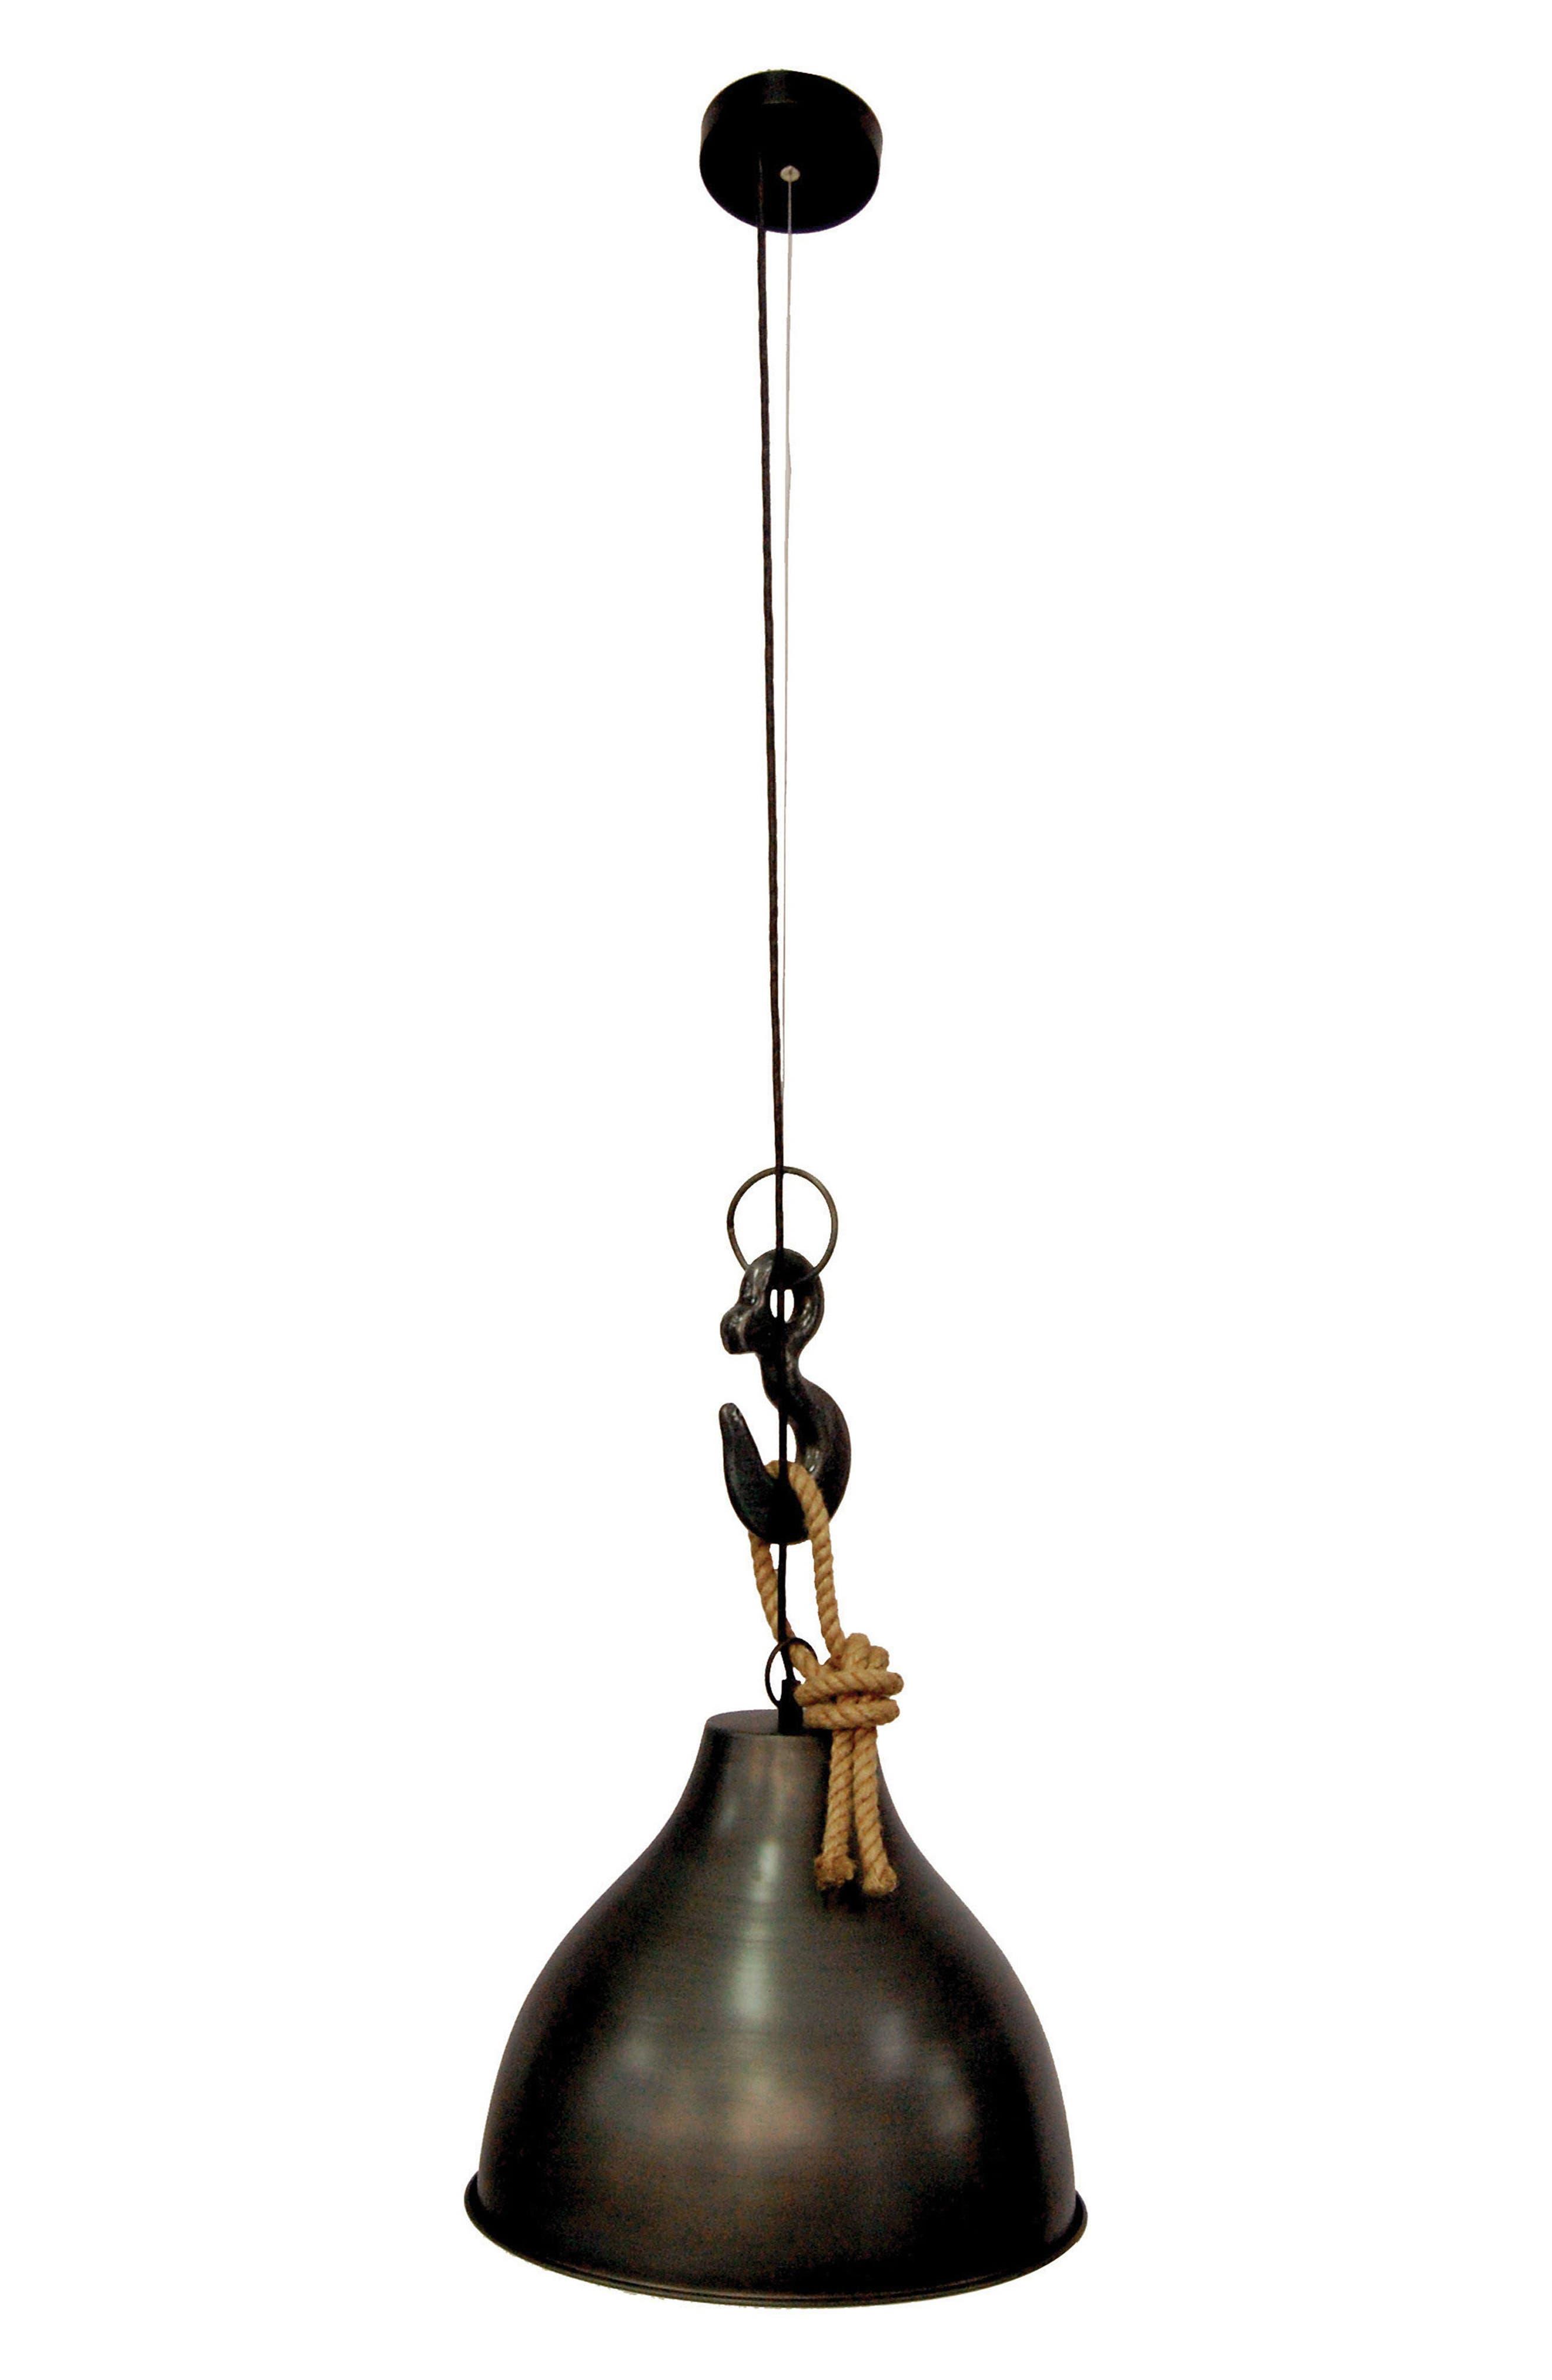 Antiqued Zinc Ceiling Light Fixture,                         Main,                         color, 001